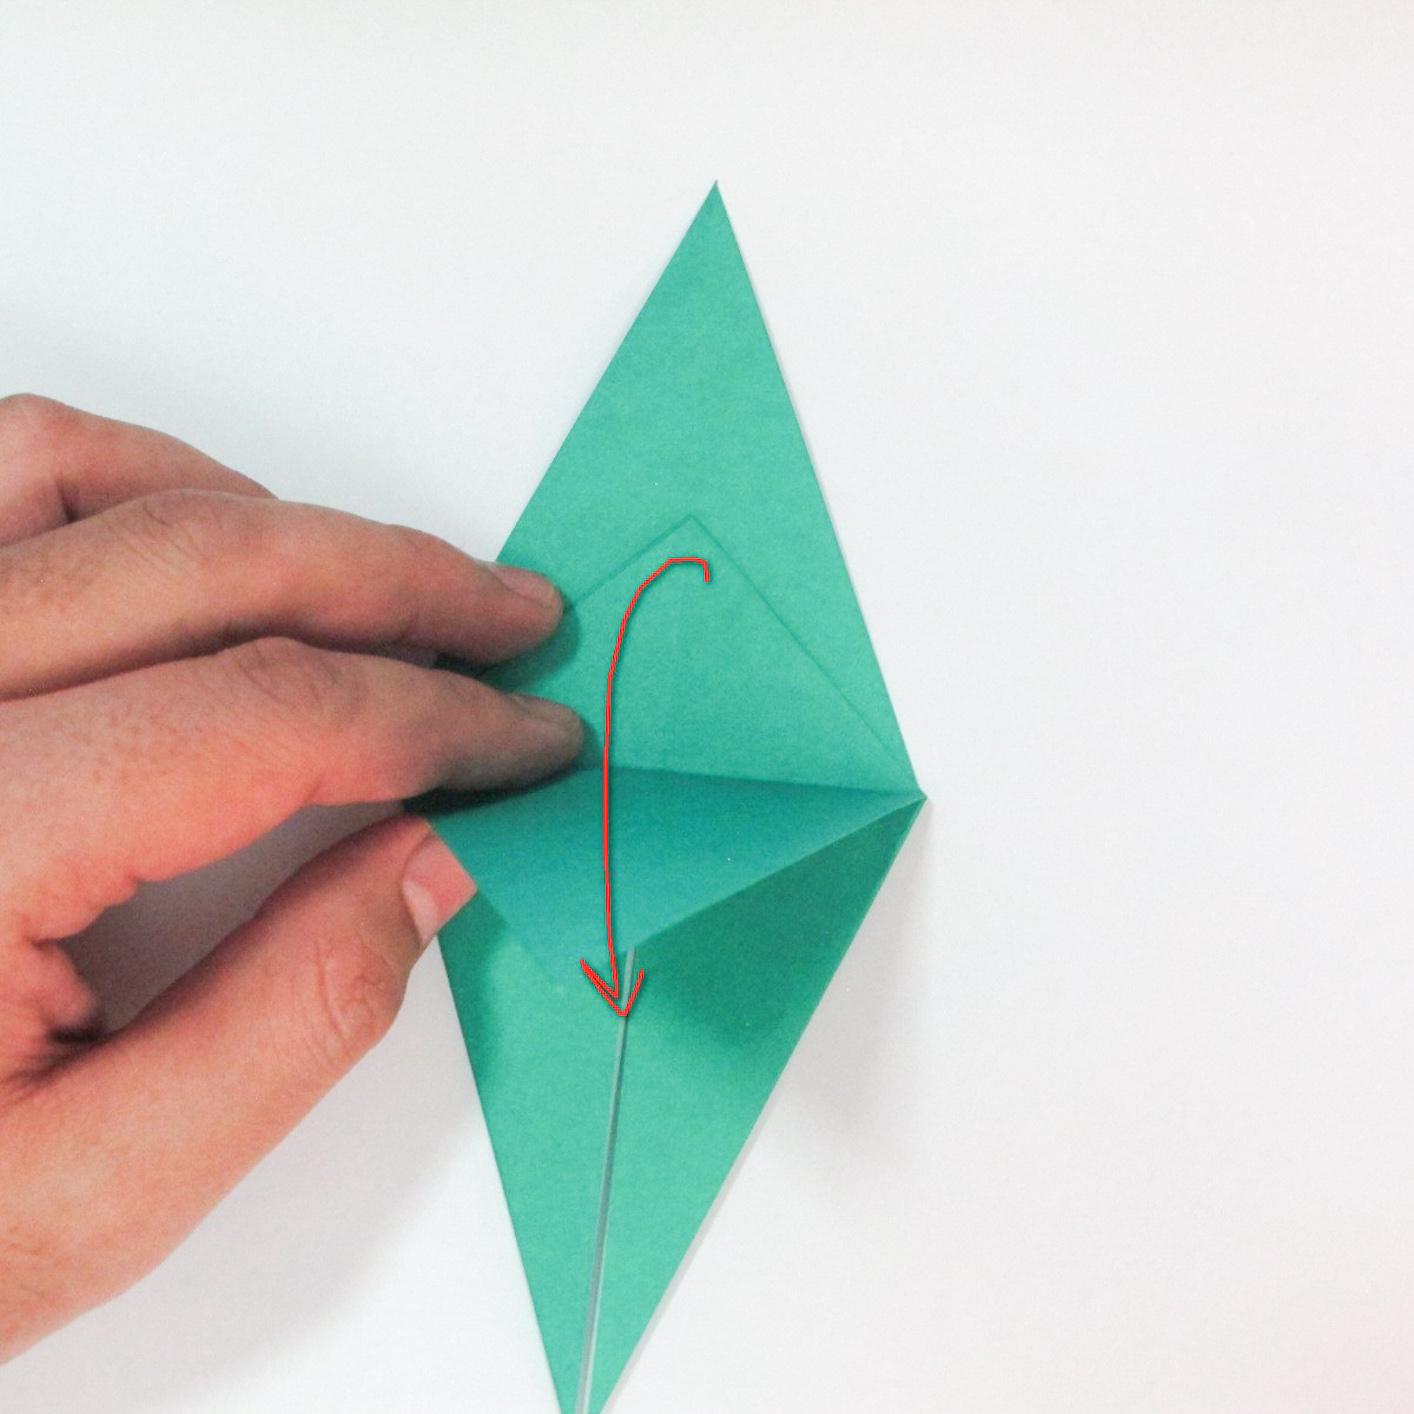 สอนวิธีการพับกระดาษเป็นรูปปลาฉลาม (Origami Shark) 017